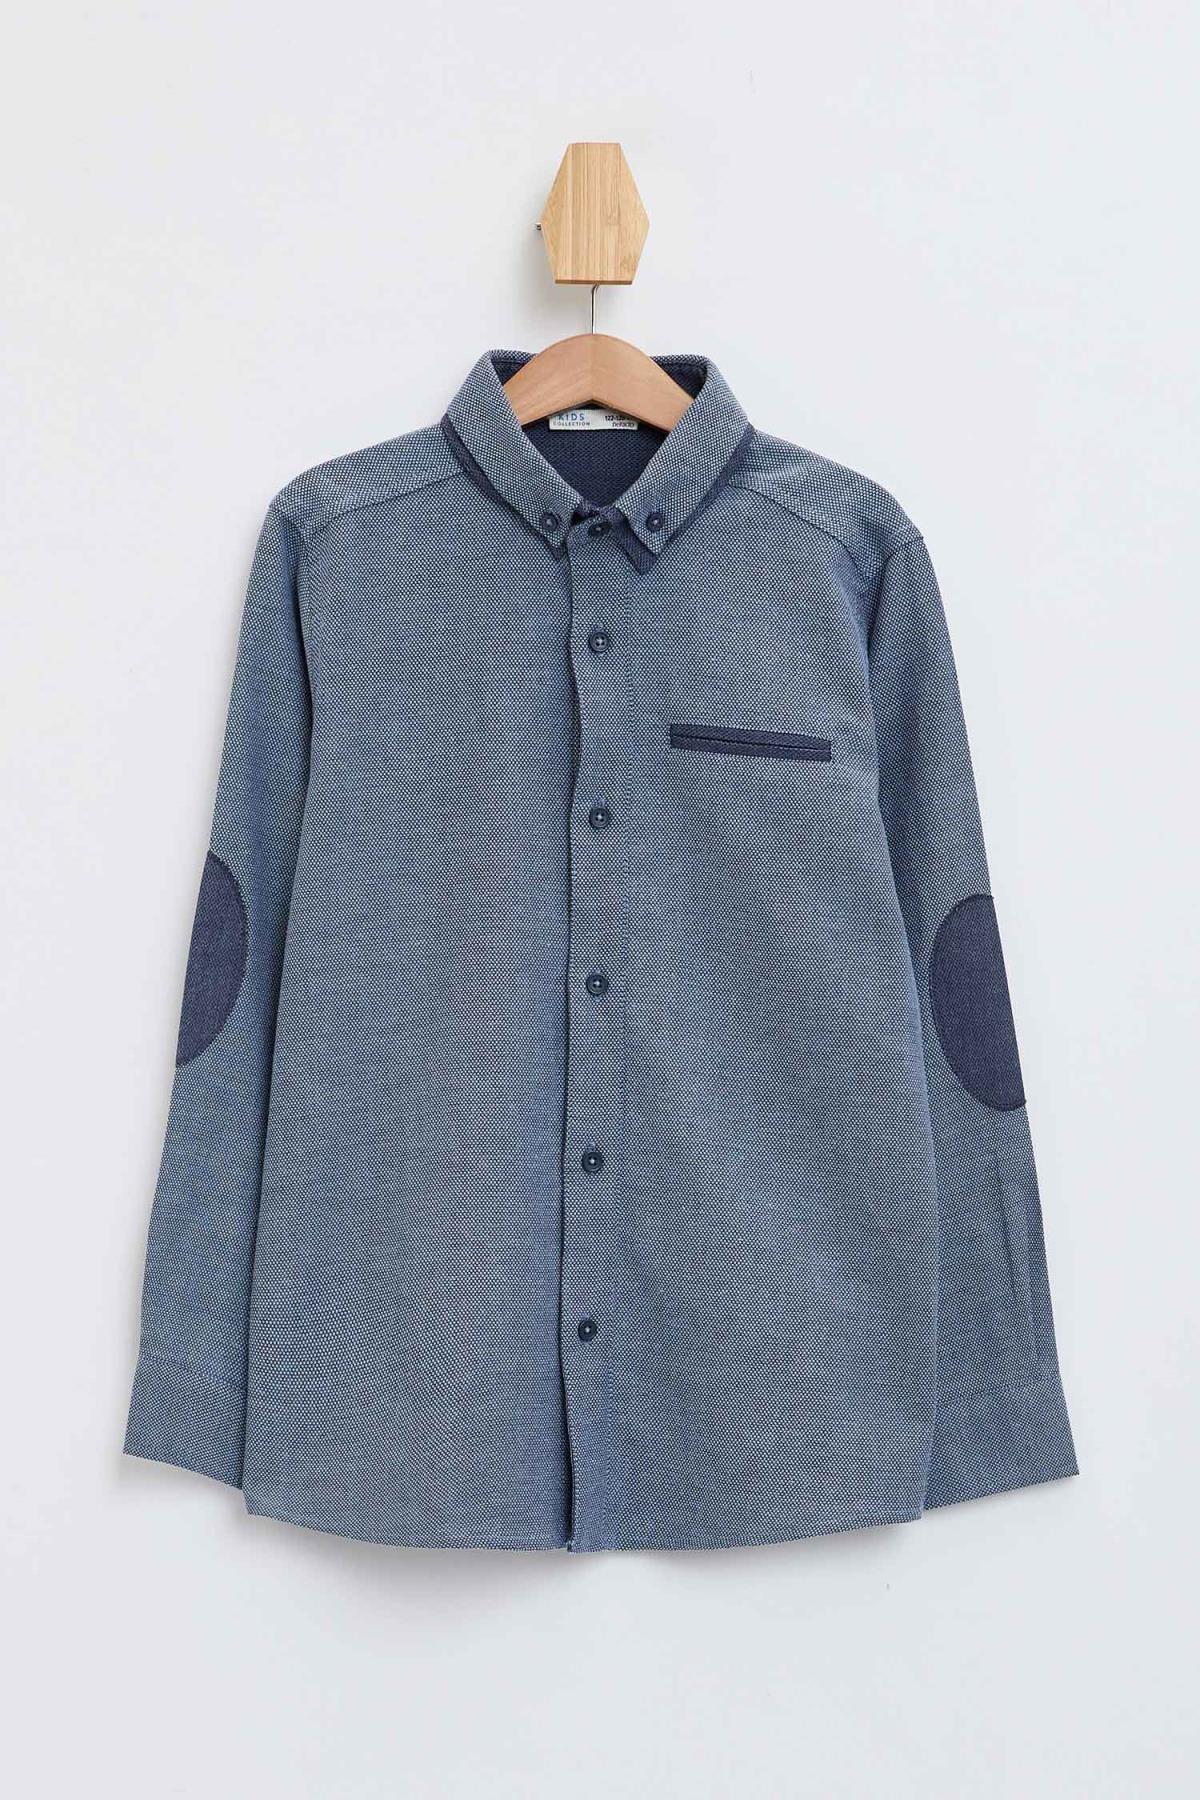 Defacto Erkek Çocuk Polo Yaka Uzun Kol Pamuklu Gömlek 2